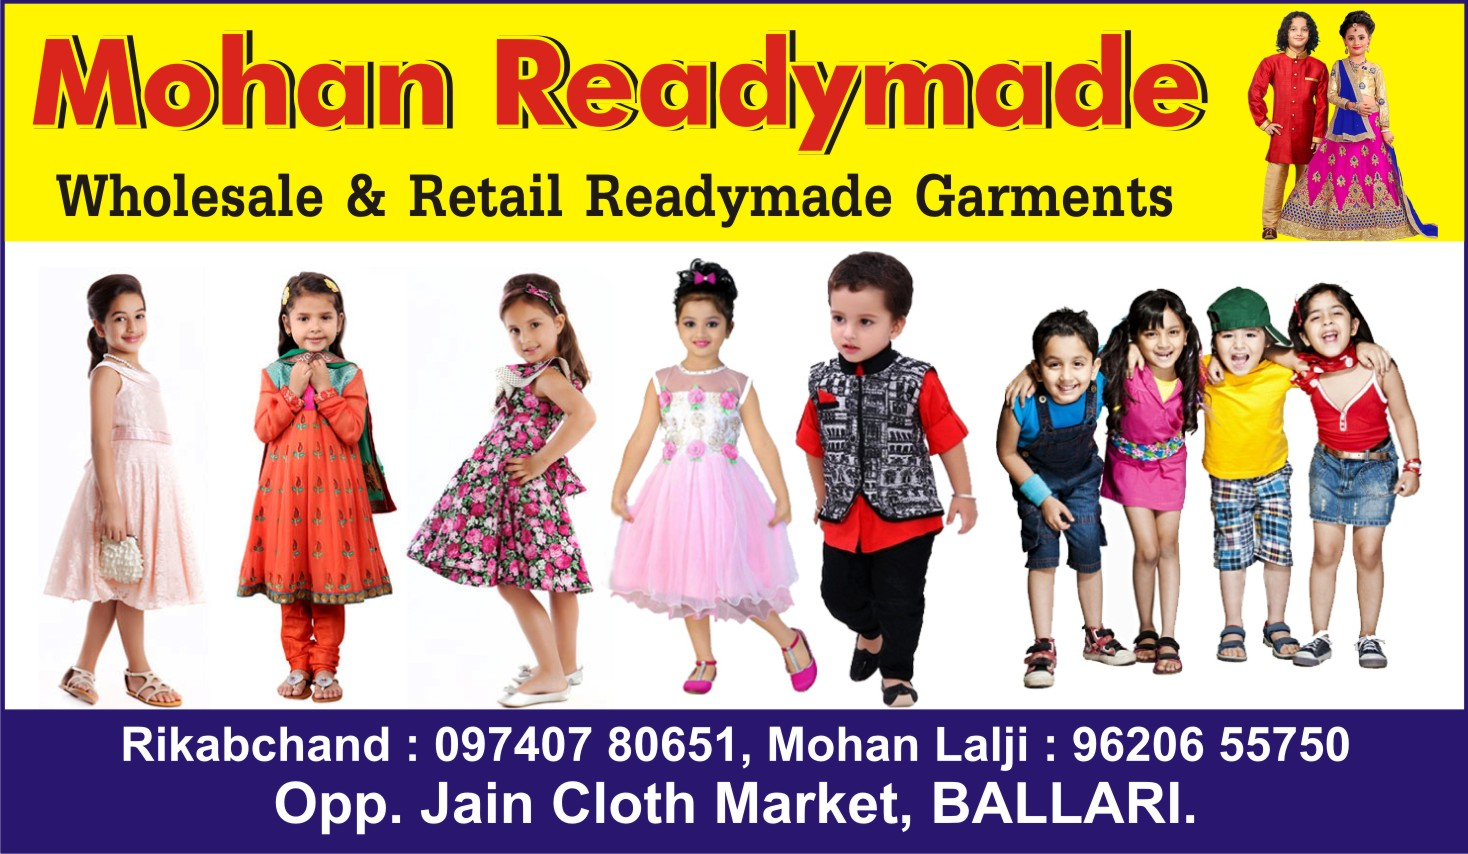 Mohan Readymade